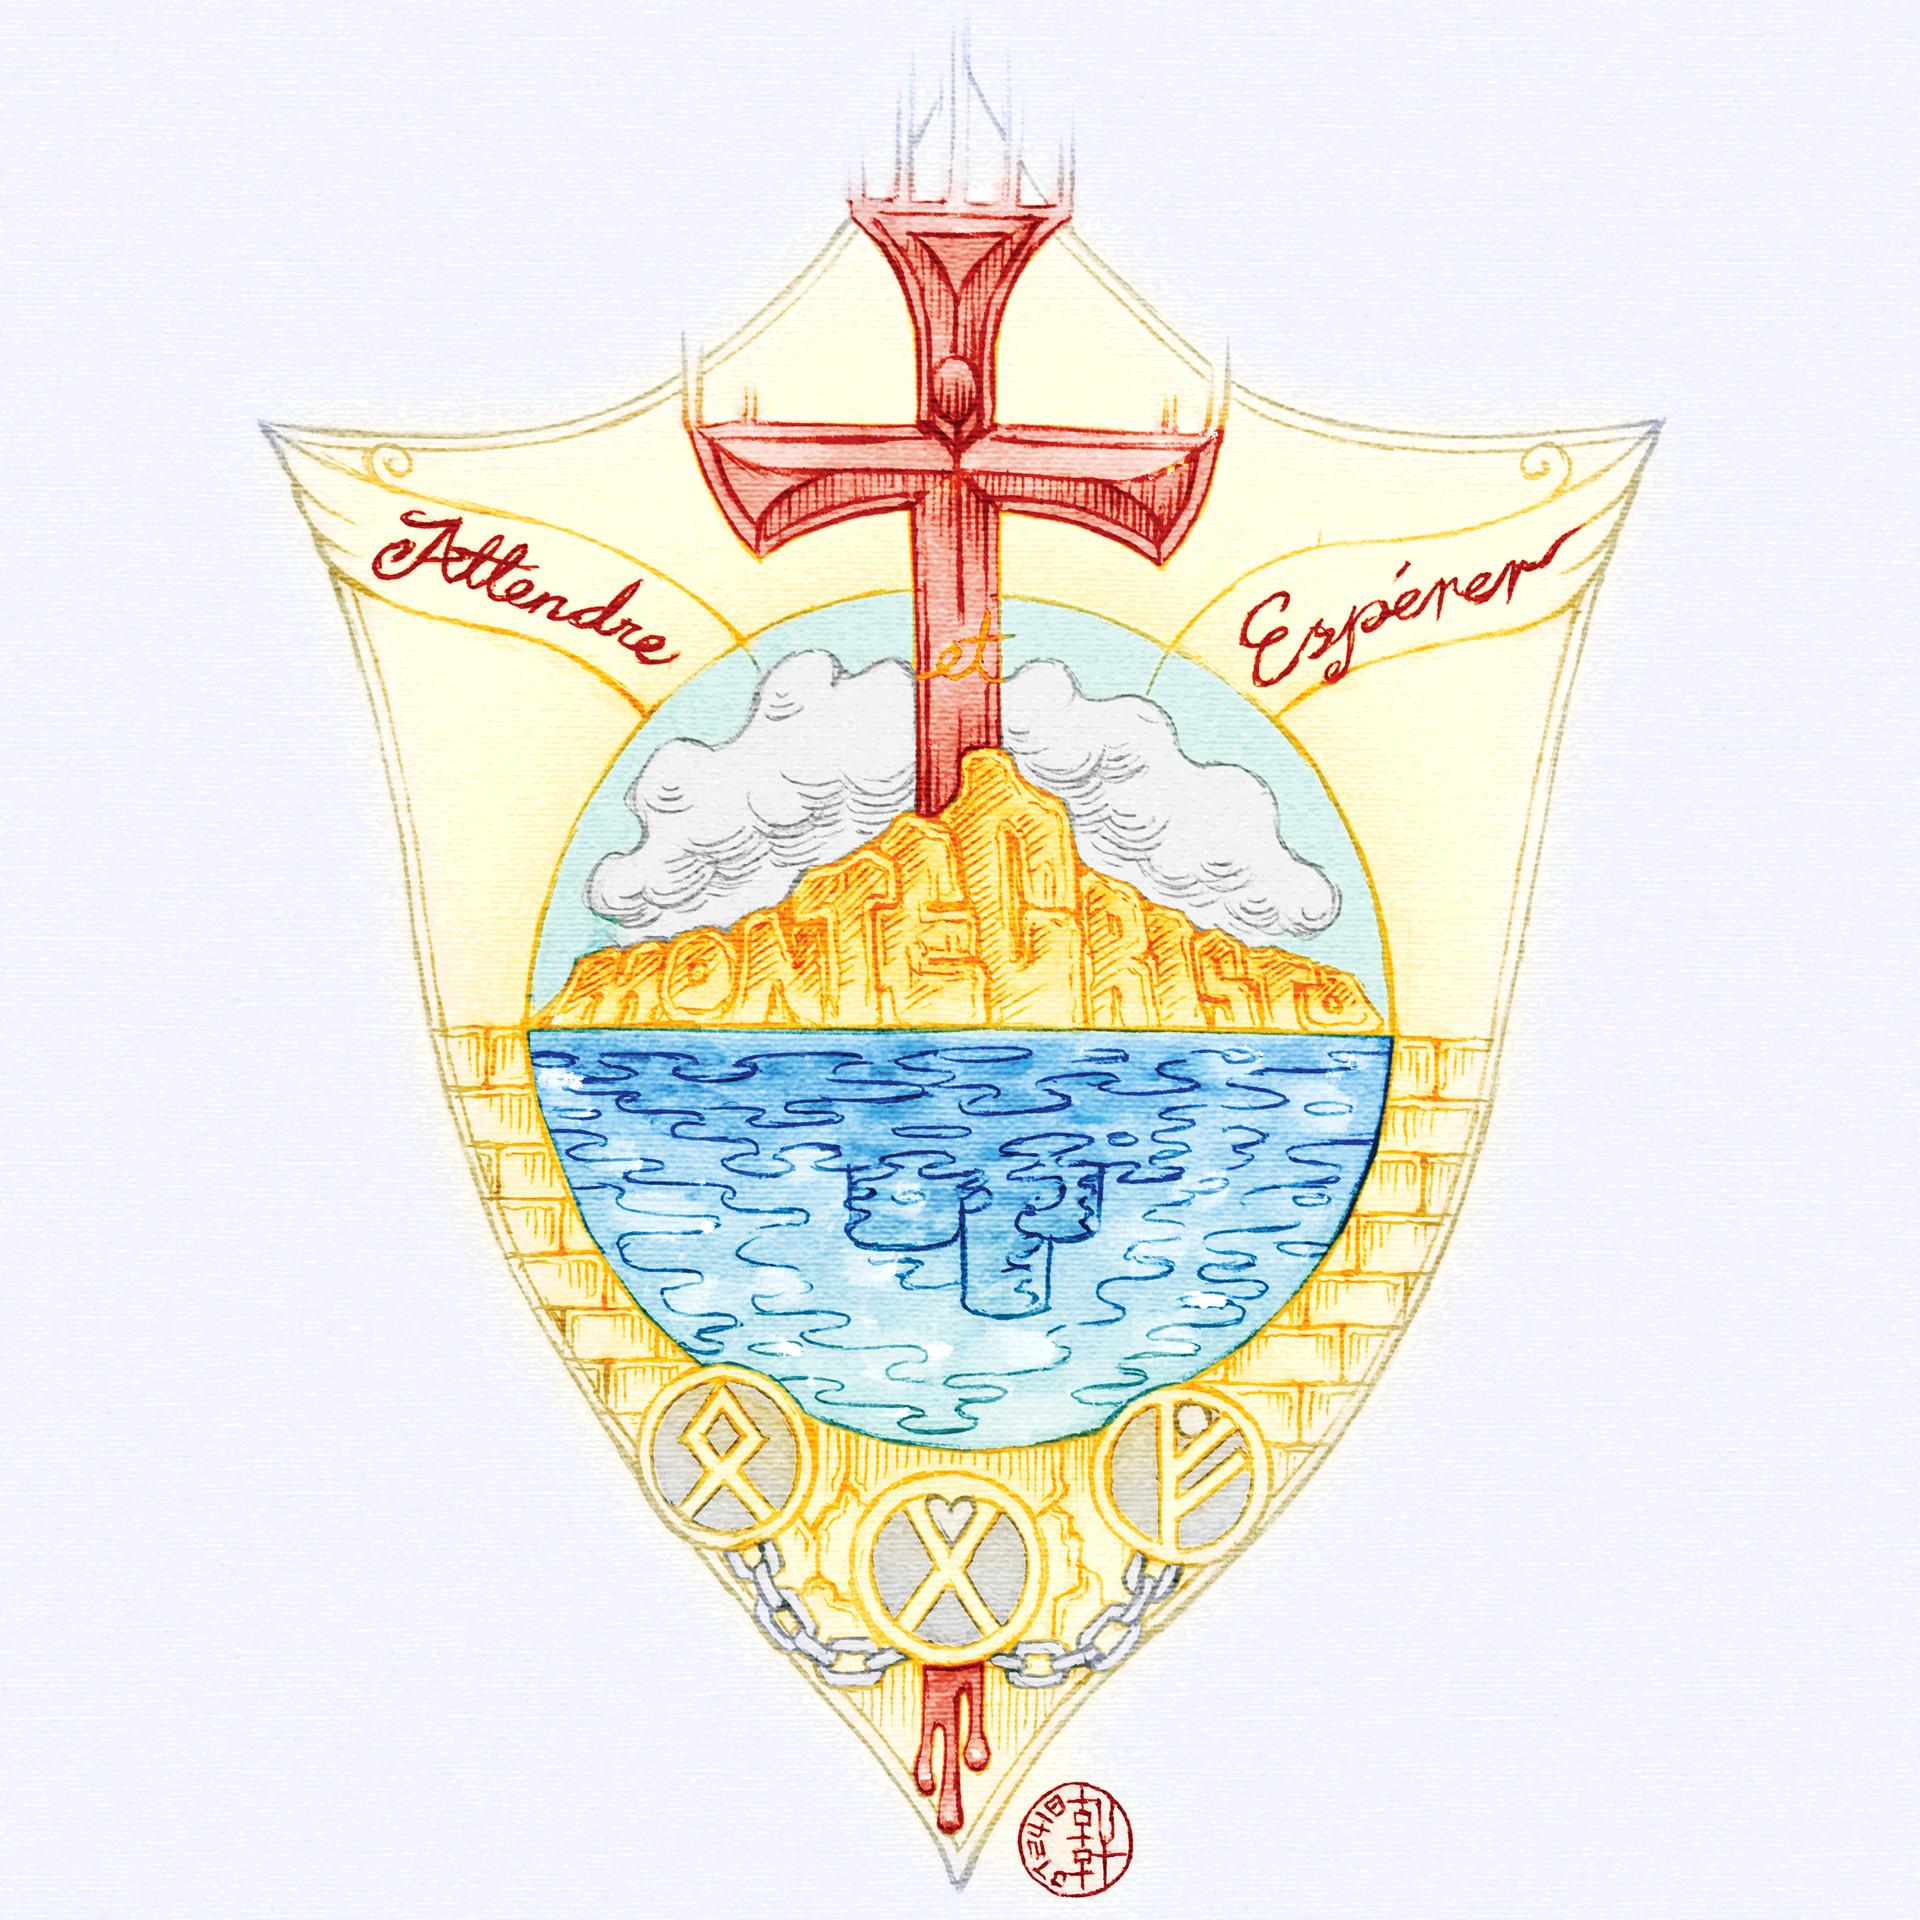 E lynx lin count montecristo01